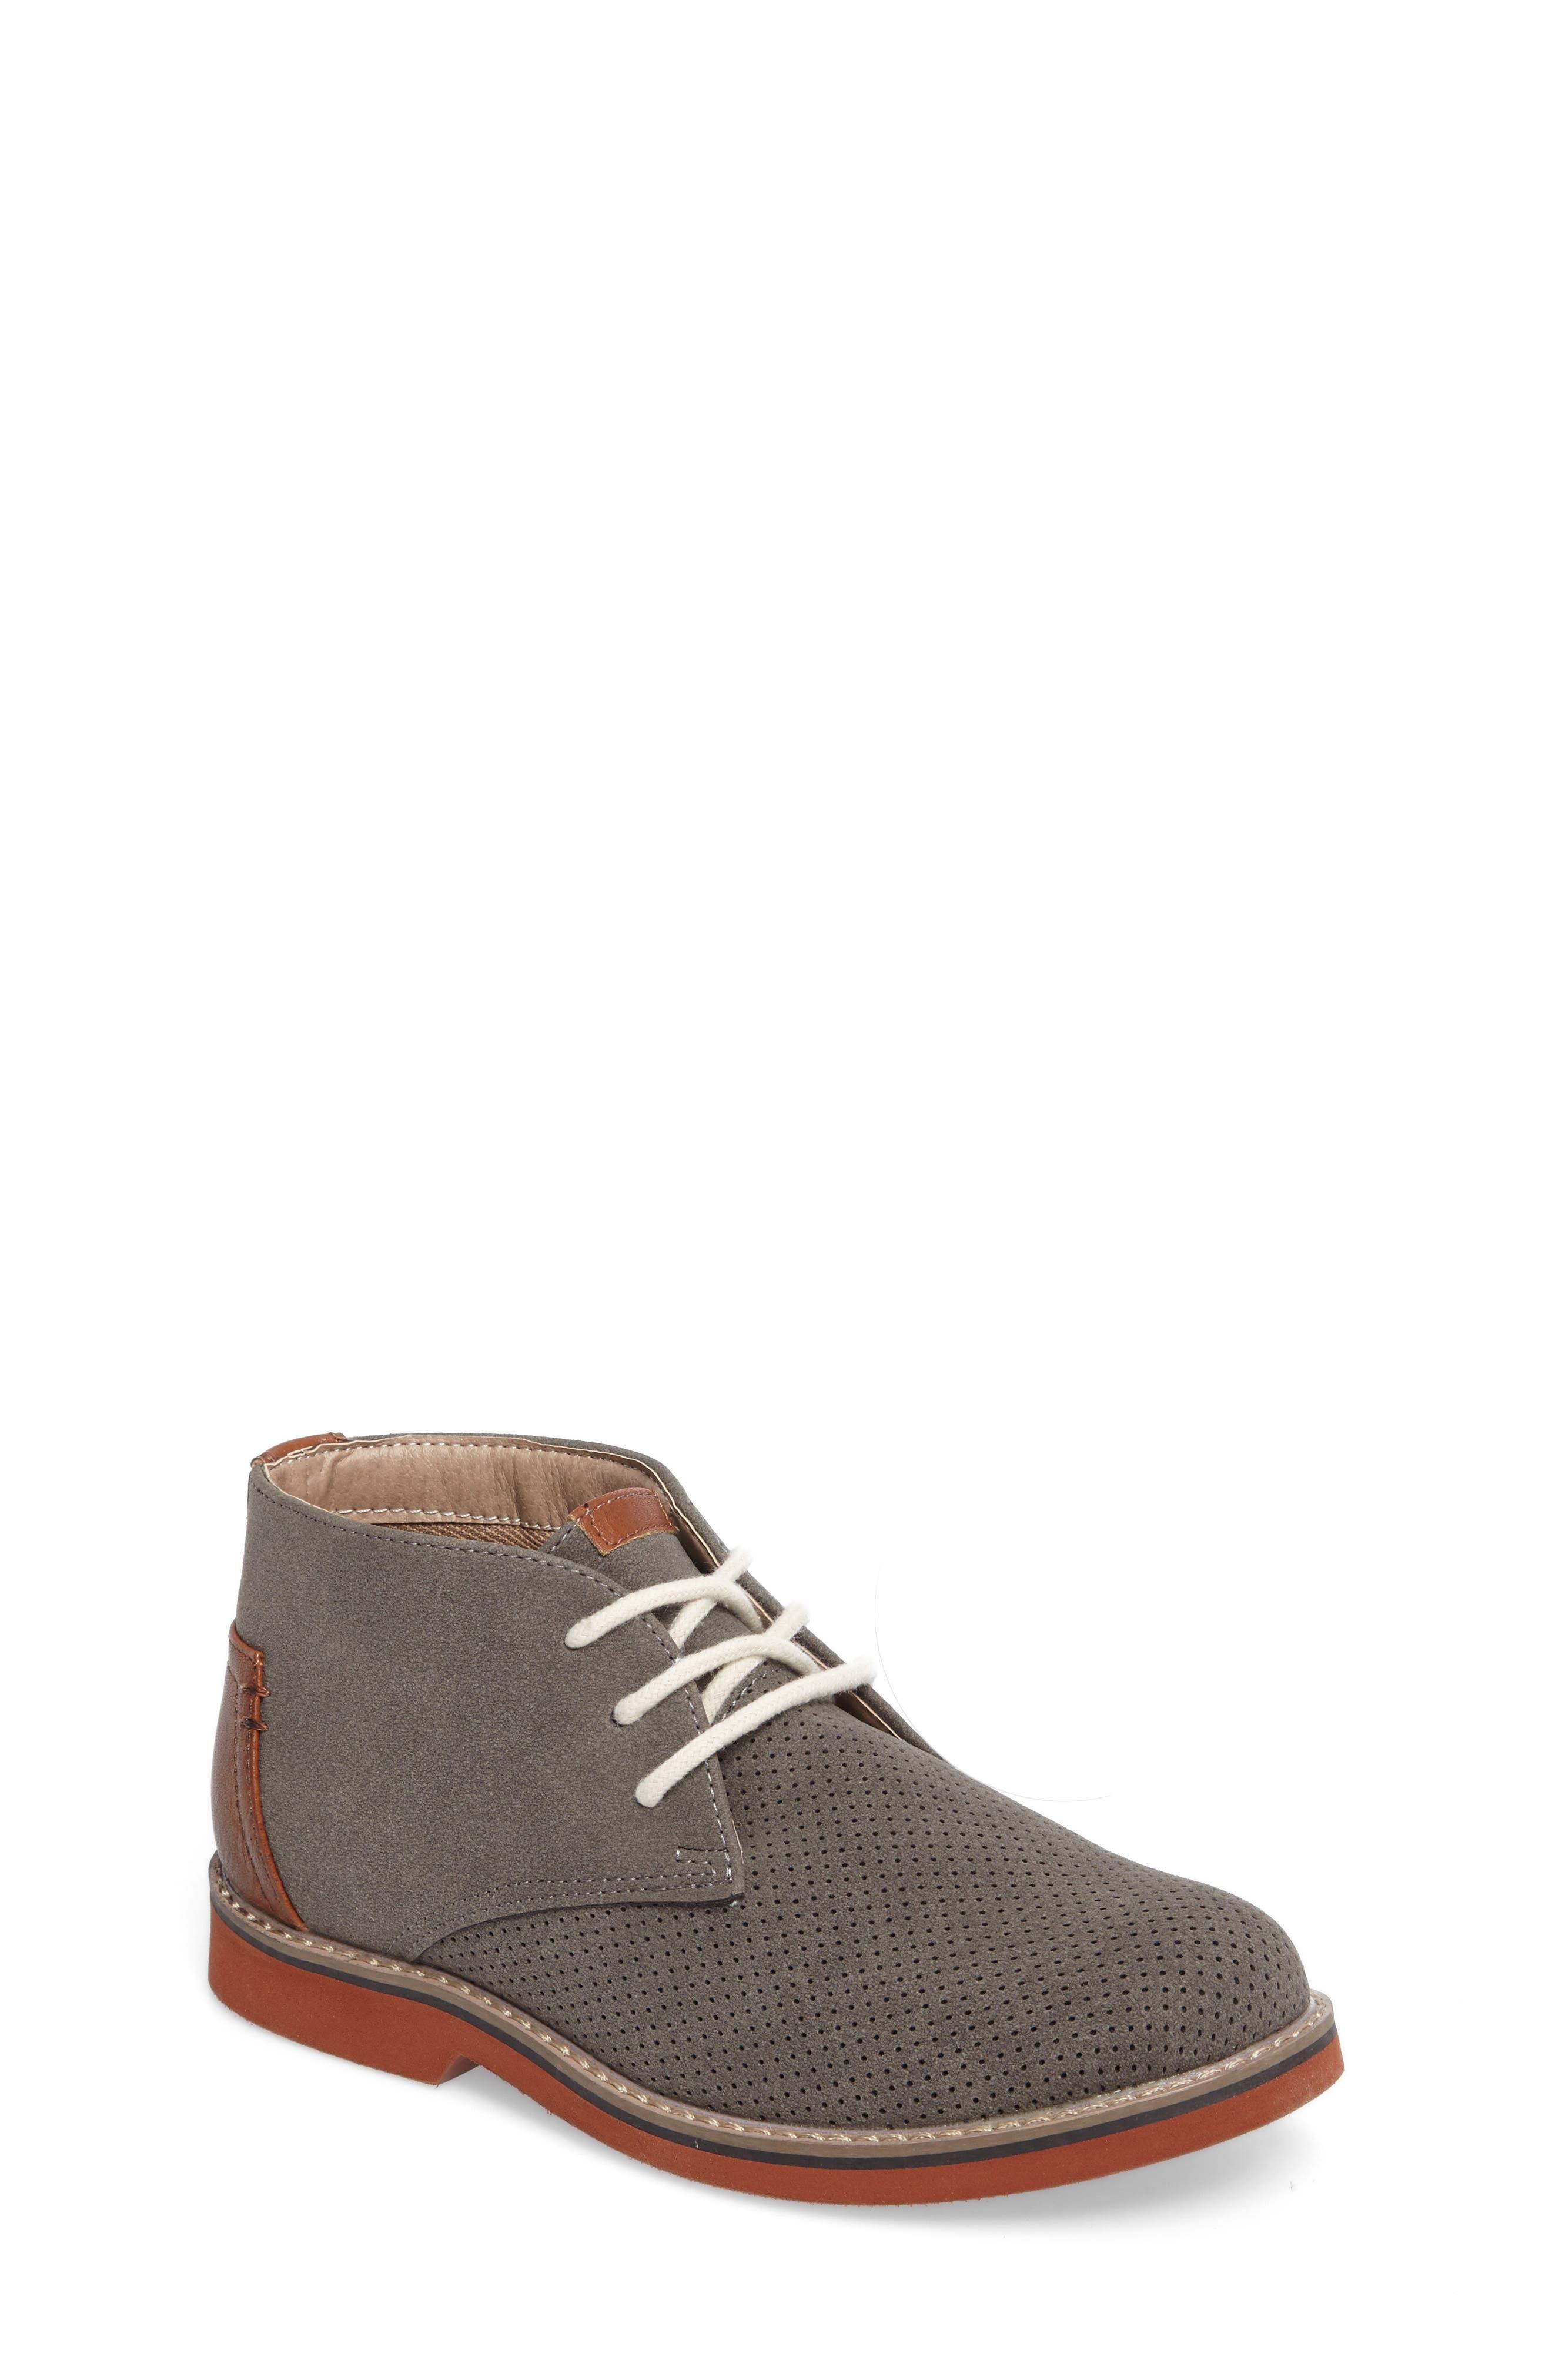 Baden Perforated Chukka Shoe,                             Main thumbnail 1, color,                             055